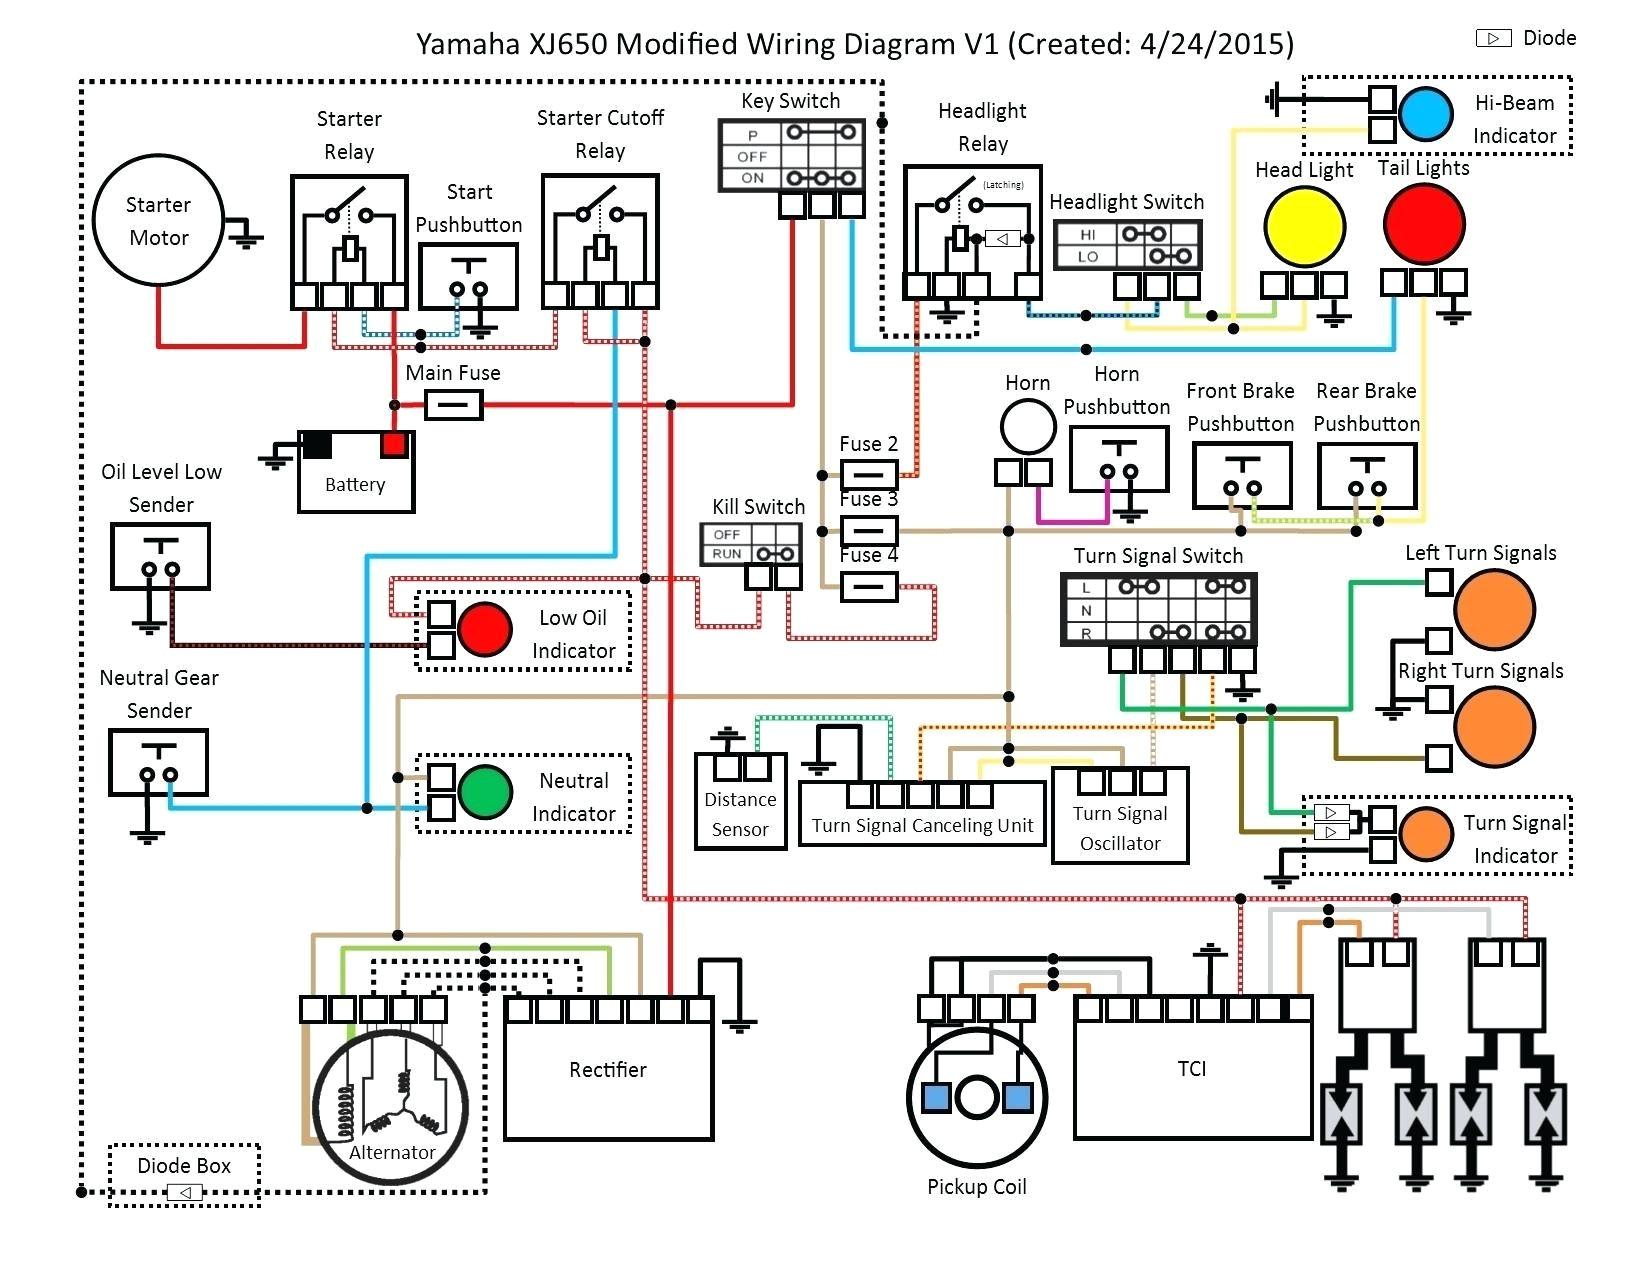 honda xrm 125 electrical wiring diagram lukaszmira com at gg in honda fit electrical wiring diagram honda electrical wiring diagrams